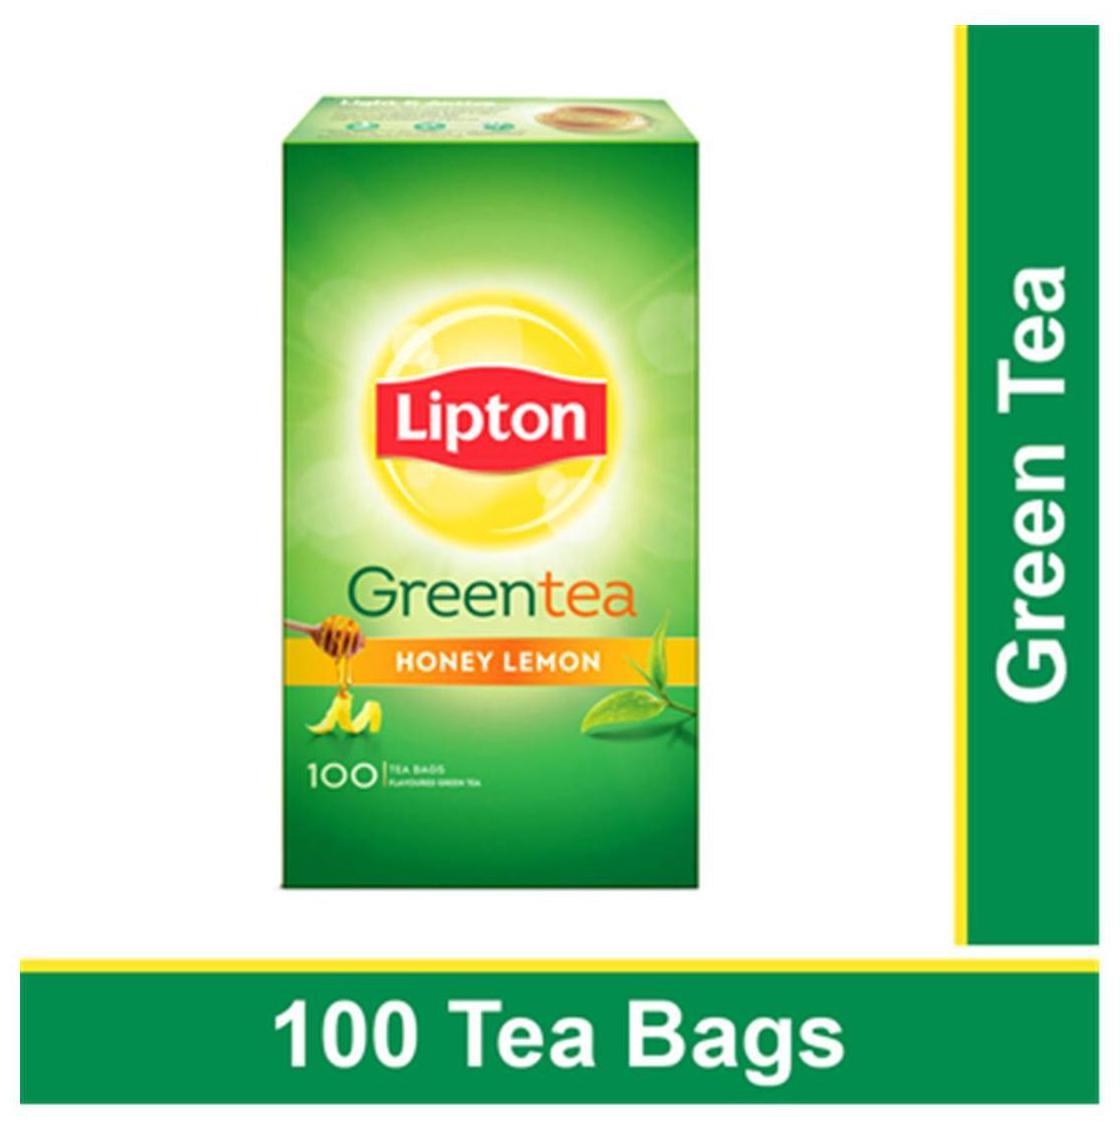 Lipton Honey Lemon Green Tea Bags 100 pcs